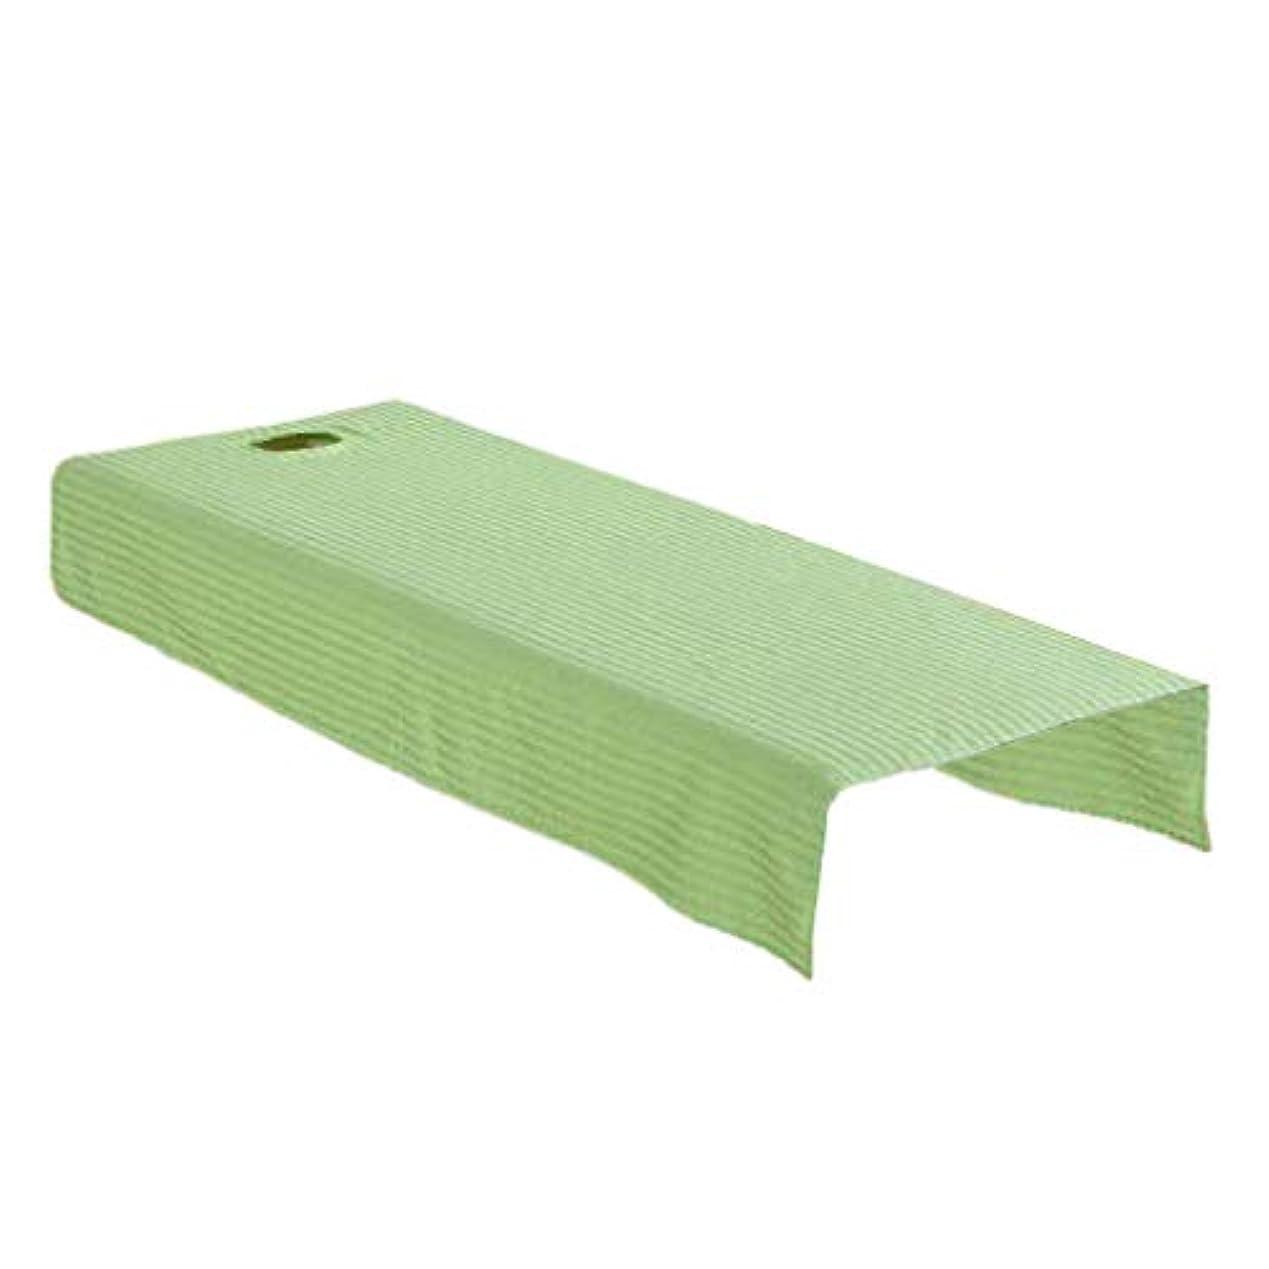 ペインうん消毒剤マッサージベッドカバー 有孔 スパベッドカバー マッサージテーブルシート 全2サイズ - 120x190cm